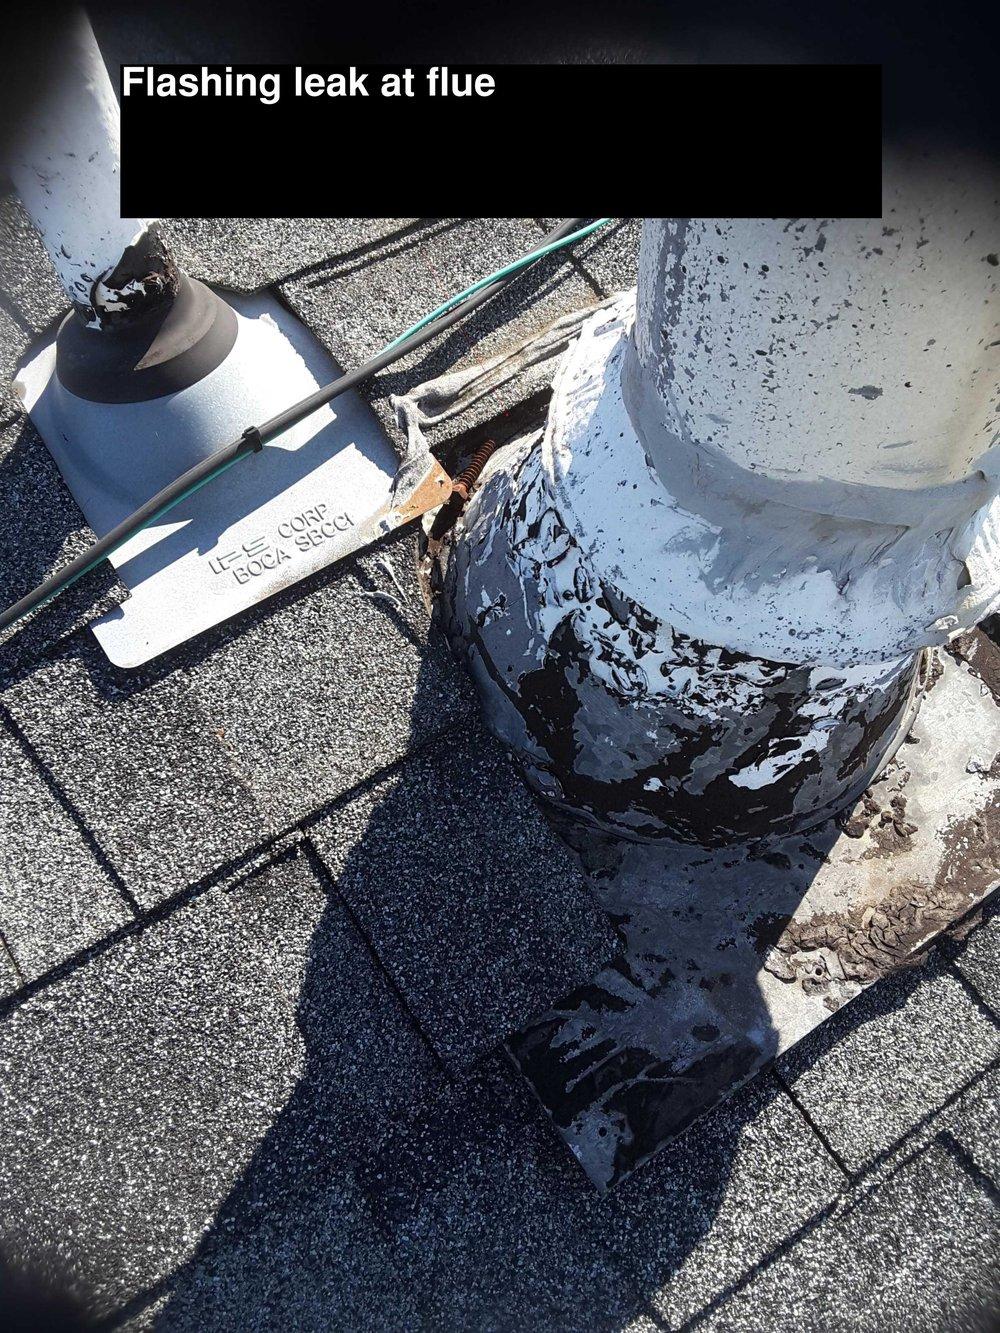 Roof jack flashing leak